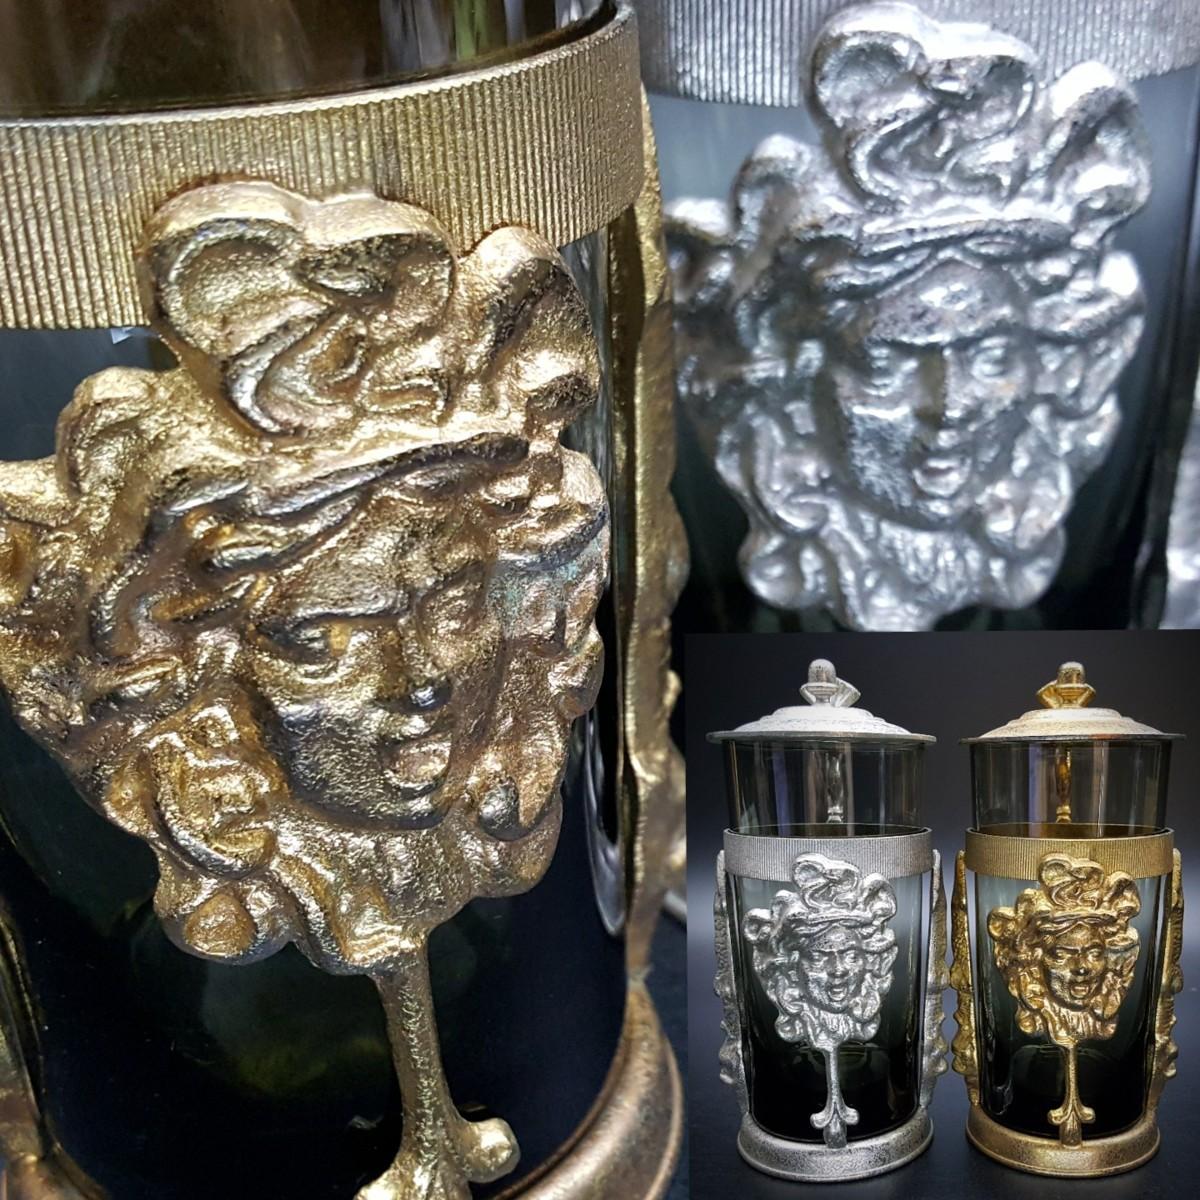 【宝蔵】アンティーク メデューサ メドゥーサ 金銀一対 蓋付グラス 一組 カップ コップ_画像1